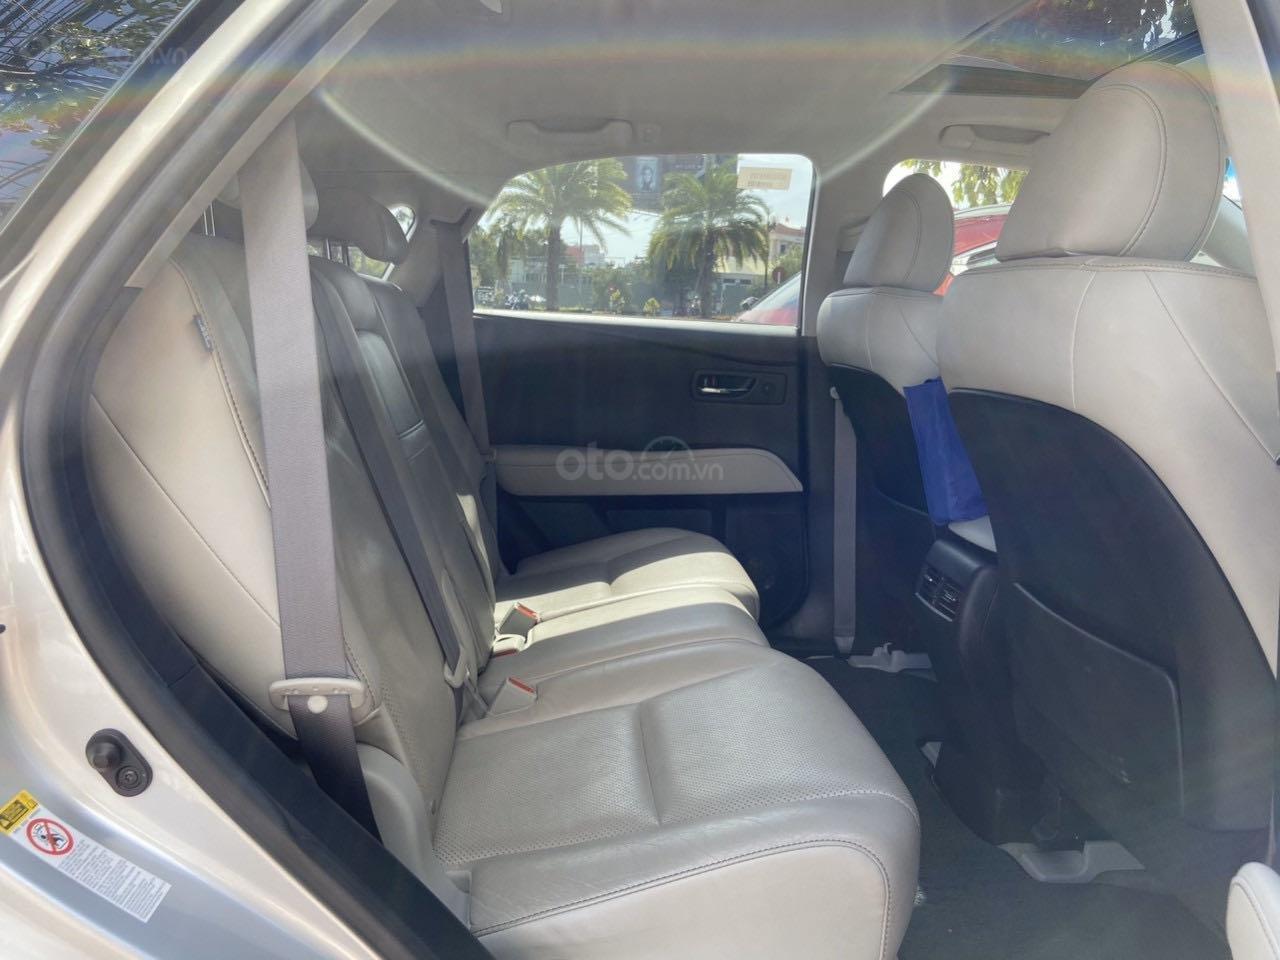 Cần bán lại xe Lexus RX năm 2015, màu bạc, xe nhập khẩu, đi giữ gìn, mới 99,9% bao test (5)